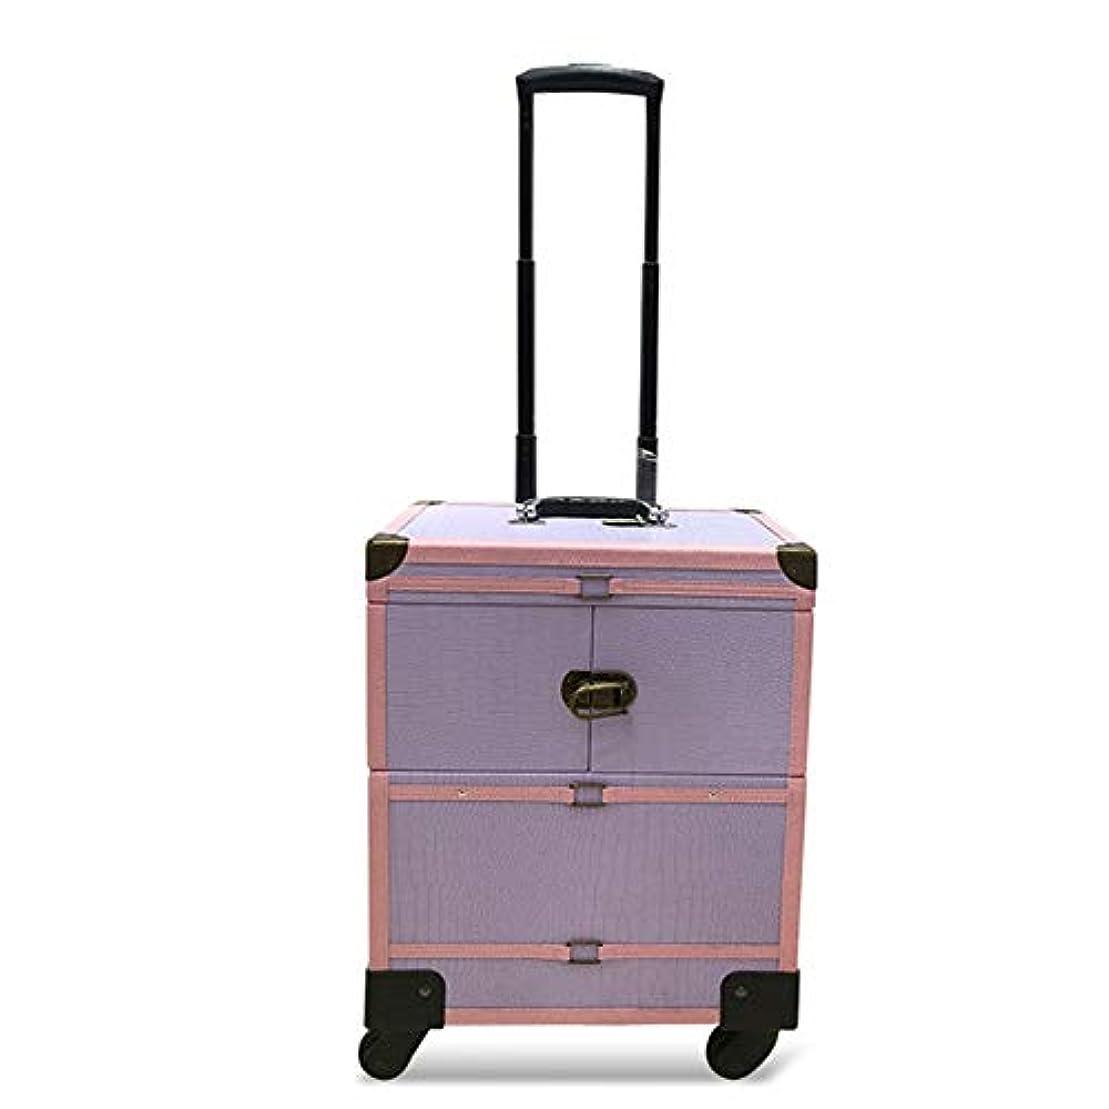 悲惨ラフ睡眠変形するメイクボックス トロリー 化粧品ケース 大容量 コスメボックス 携帯 旅行 トロリーケース 4輪 出張 化粧品収納 化粧箱 ハンドル付き おしゃれ